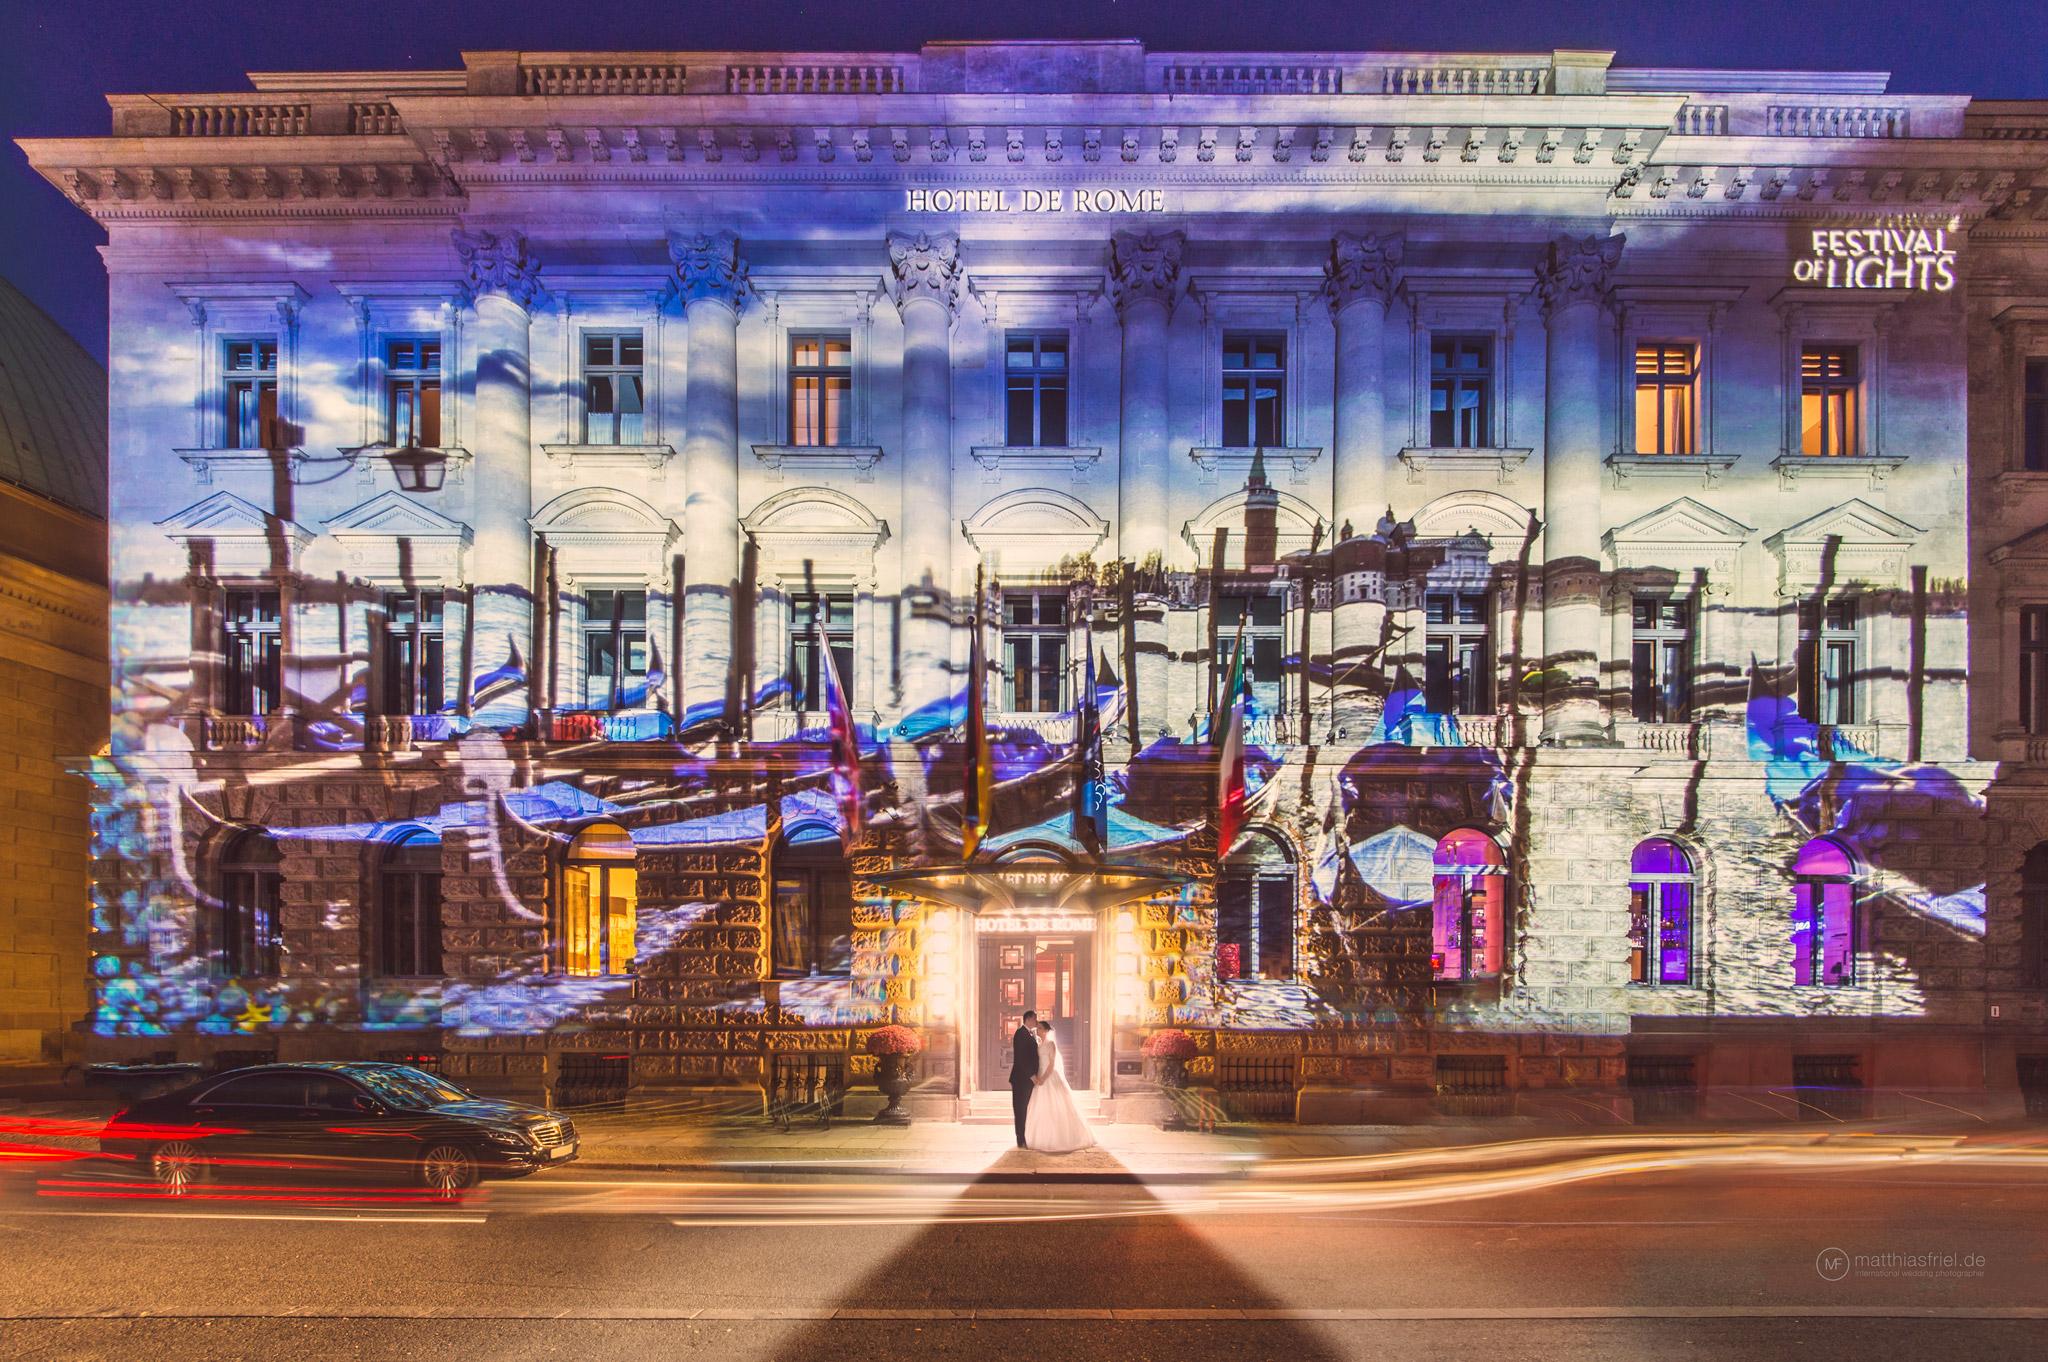 Hochzeit Hotel de Rome Berlin zum Festival of Lights – Matthias Friel